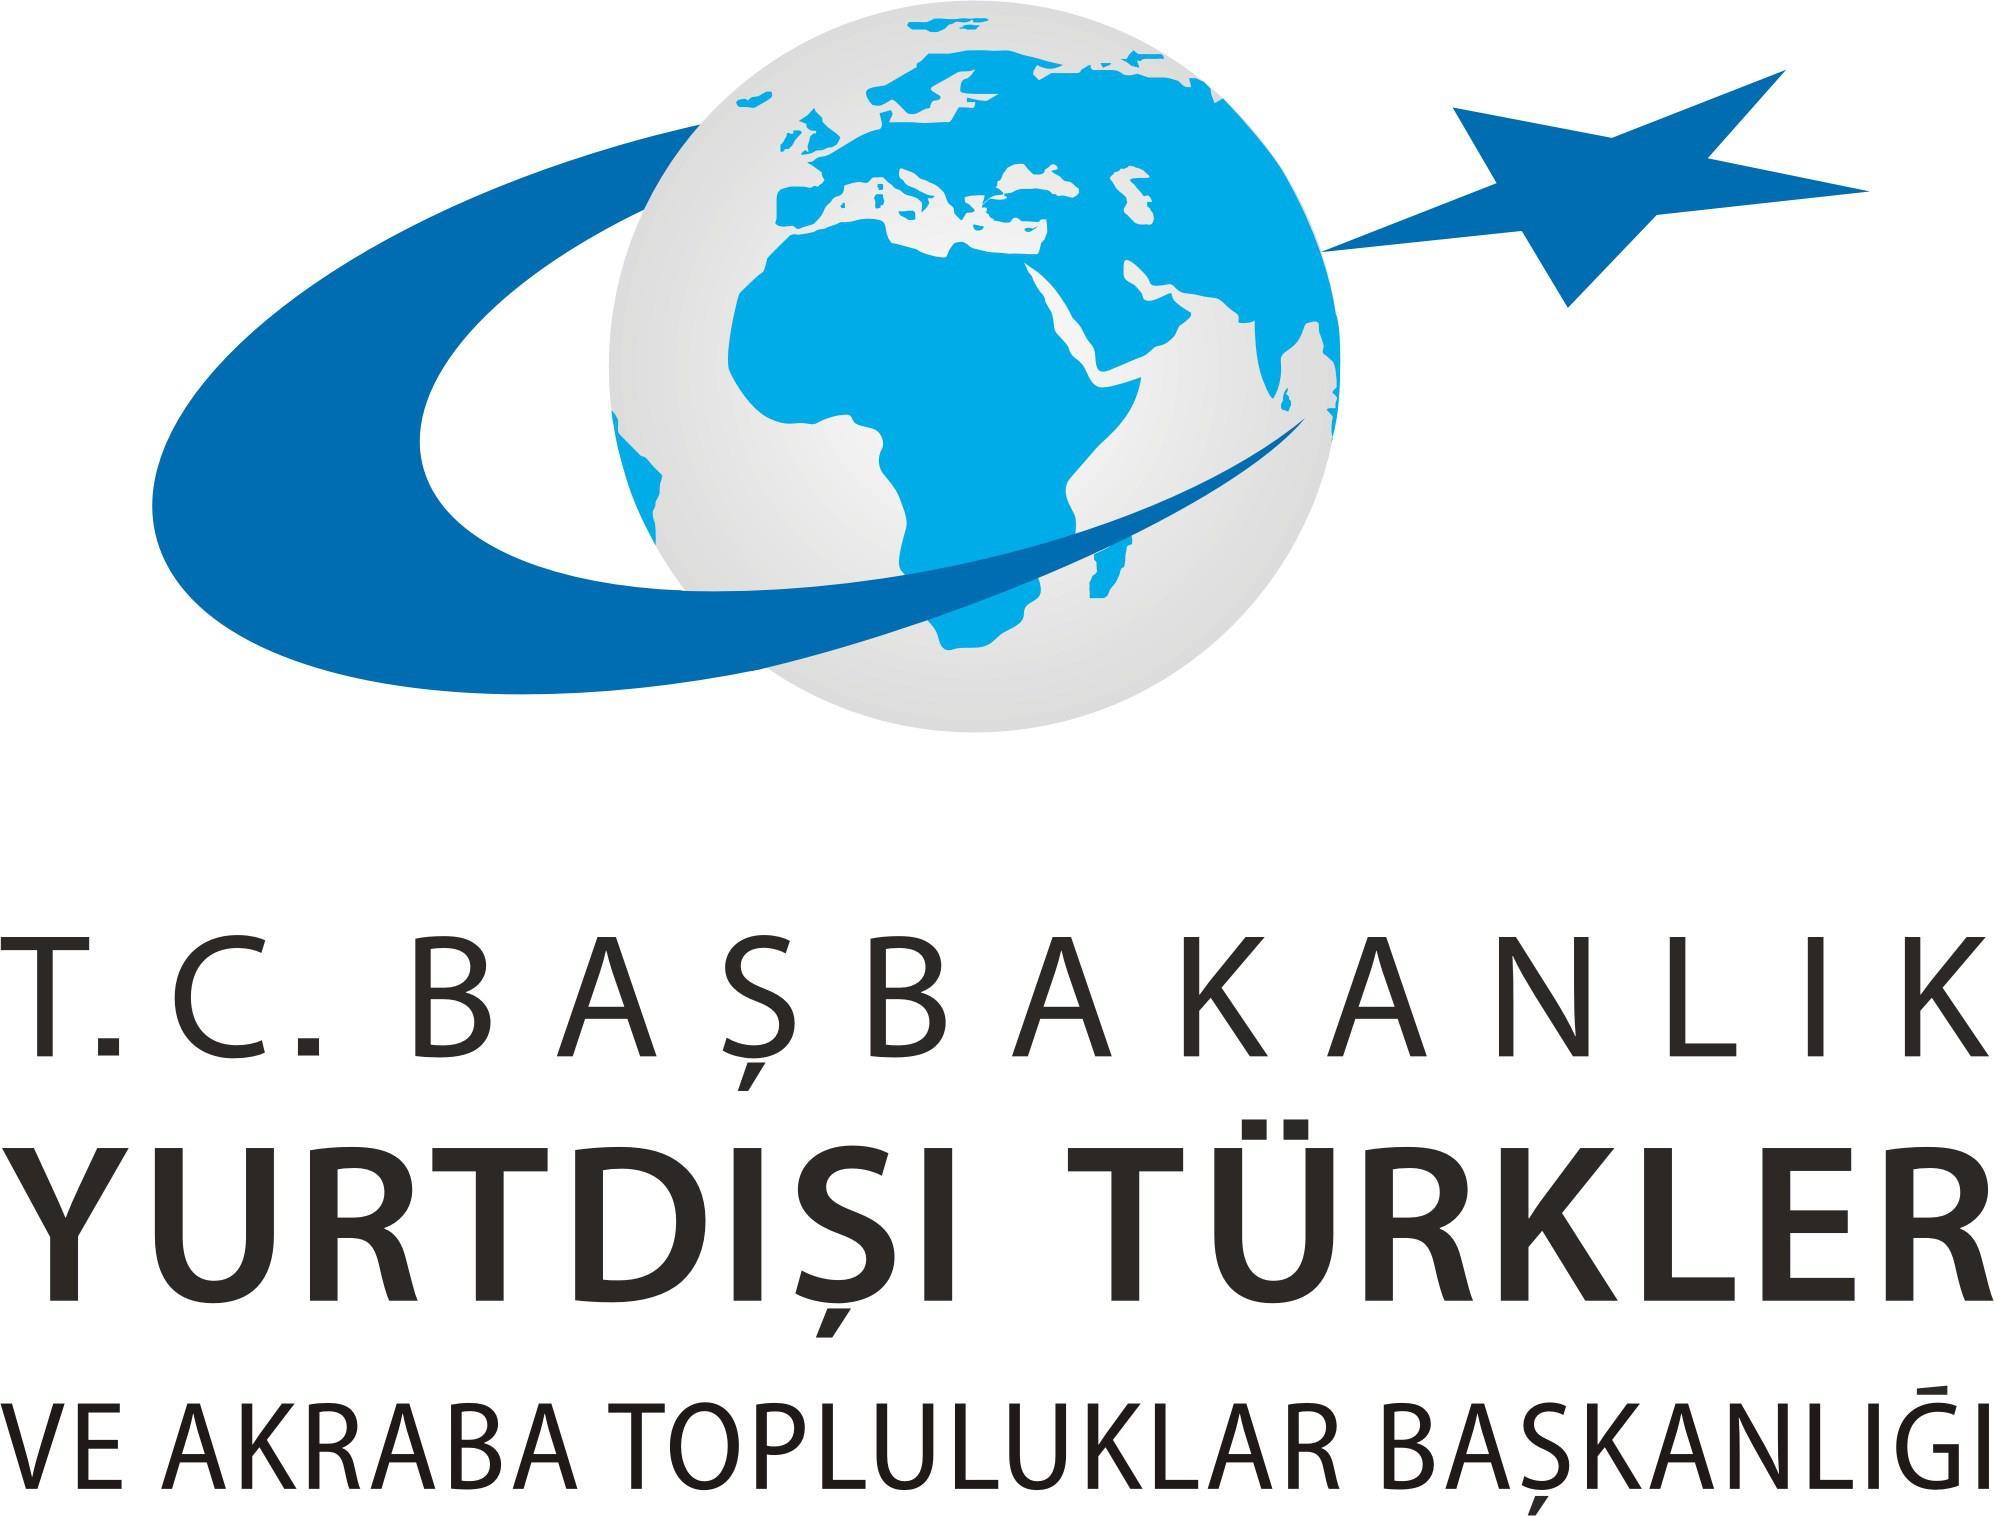 yurtdisi_turkler_ve_akraba_topluluklar_baskanliği